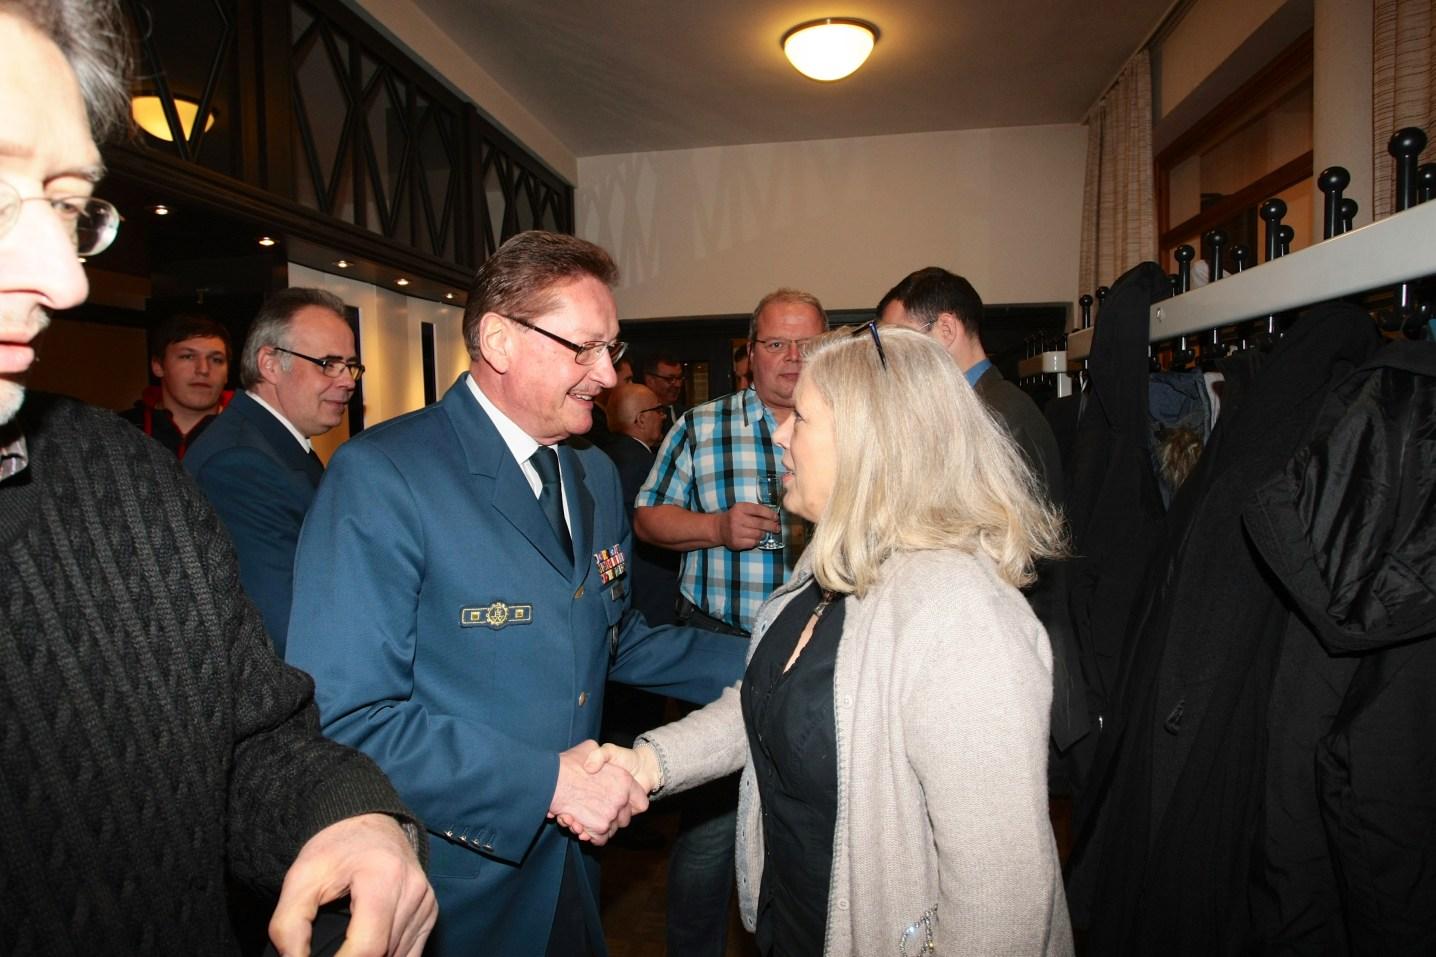 Der THW-Landesbeauftragte Manfred Metzger begrüßt Bezirksstadträtin Christa Markl-Vieto.